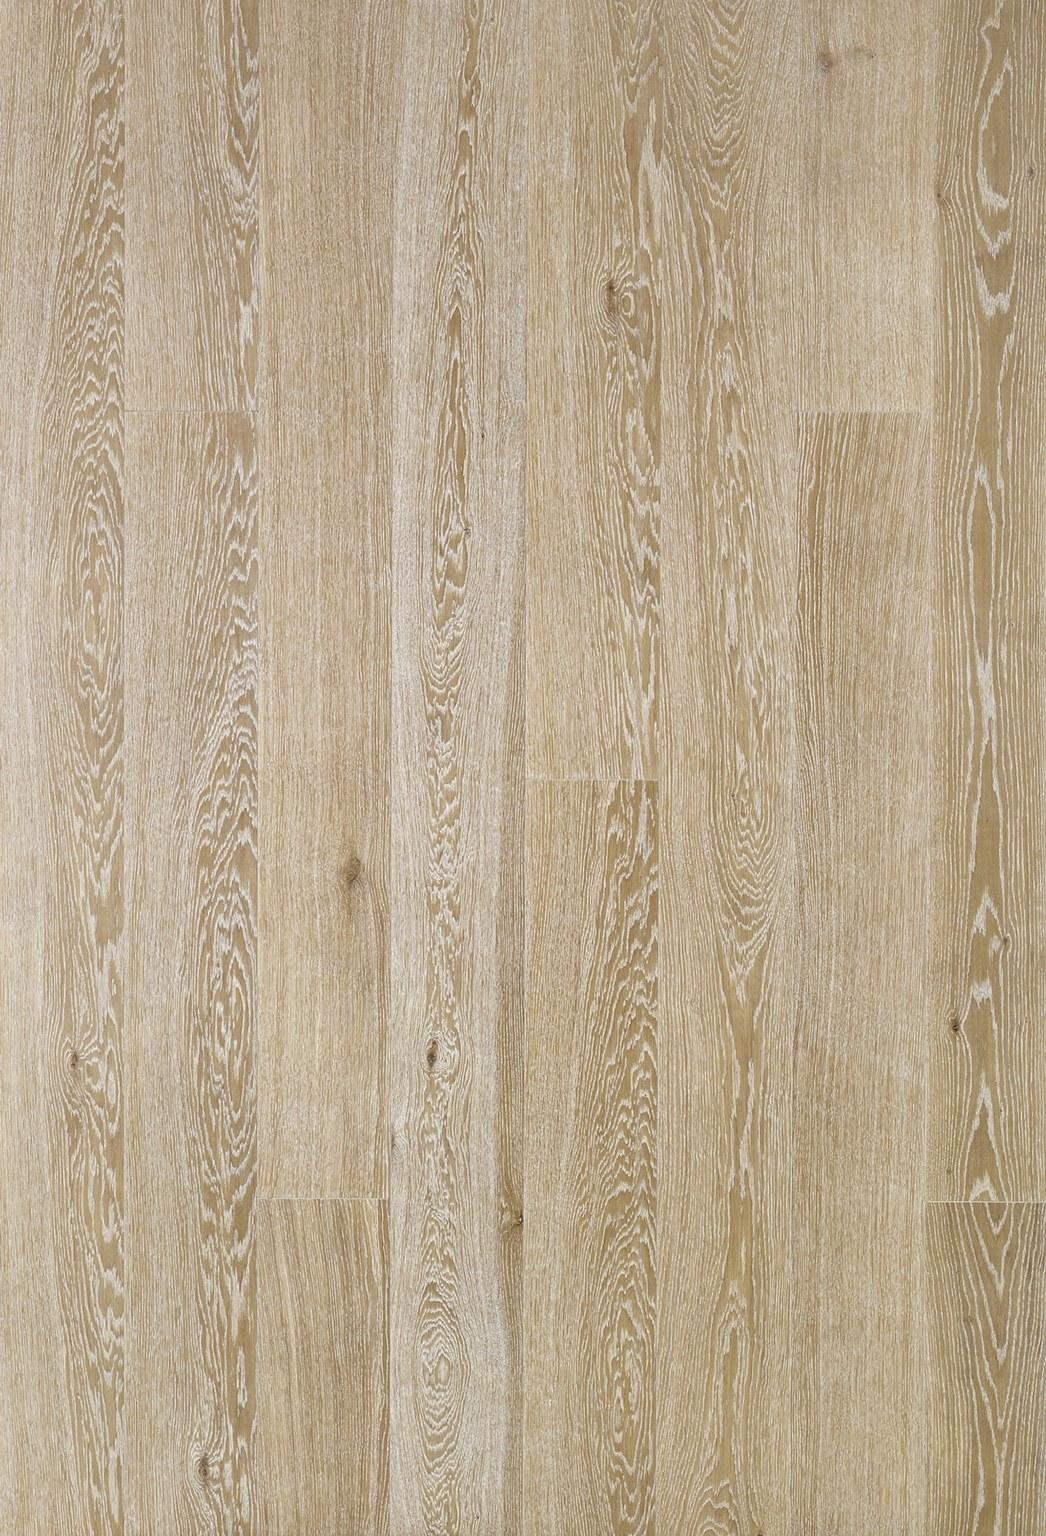 Timberwise parketti lankkuparketti puulattia wooden floor parquet plank Tammi Oak Classic Arctic_2D1